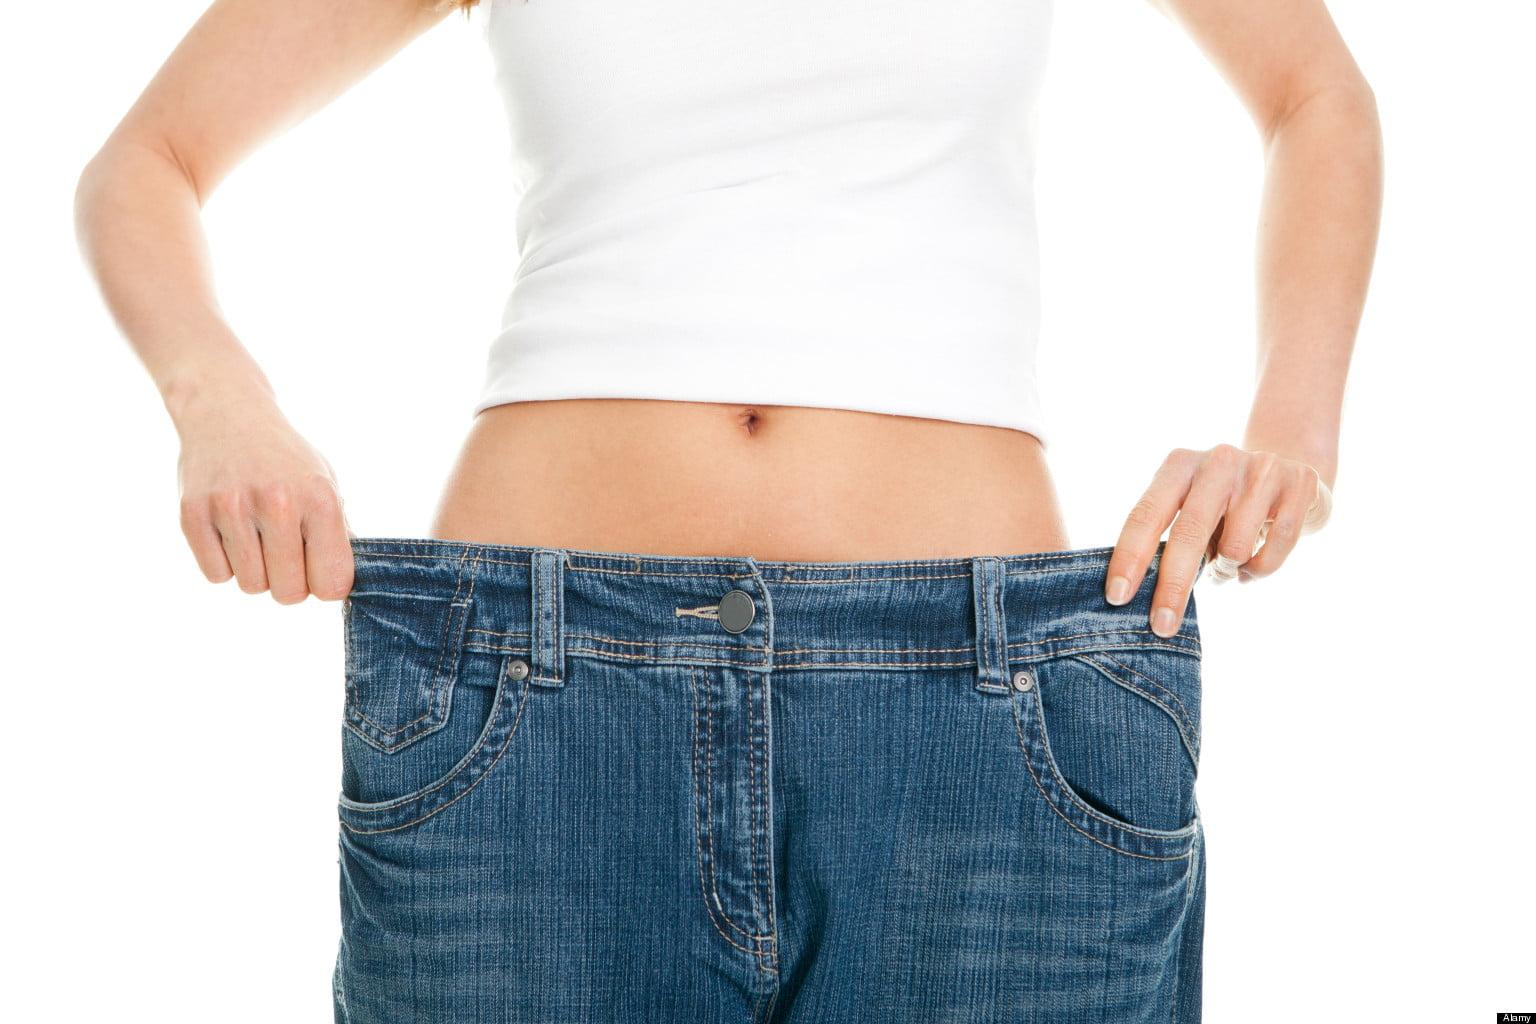 podcast de pierdere în greutate logic scădere în greutate în tga